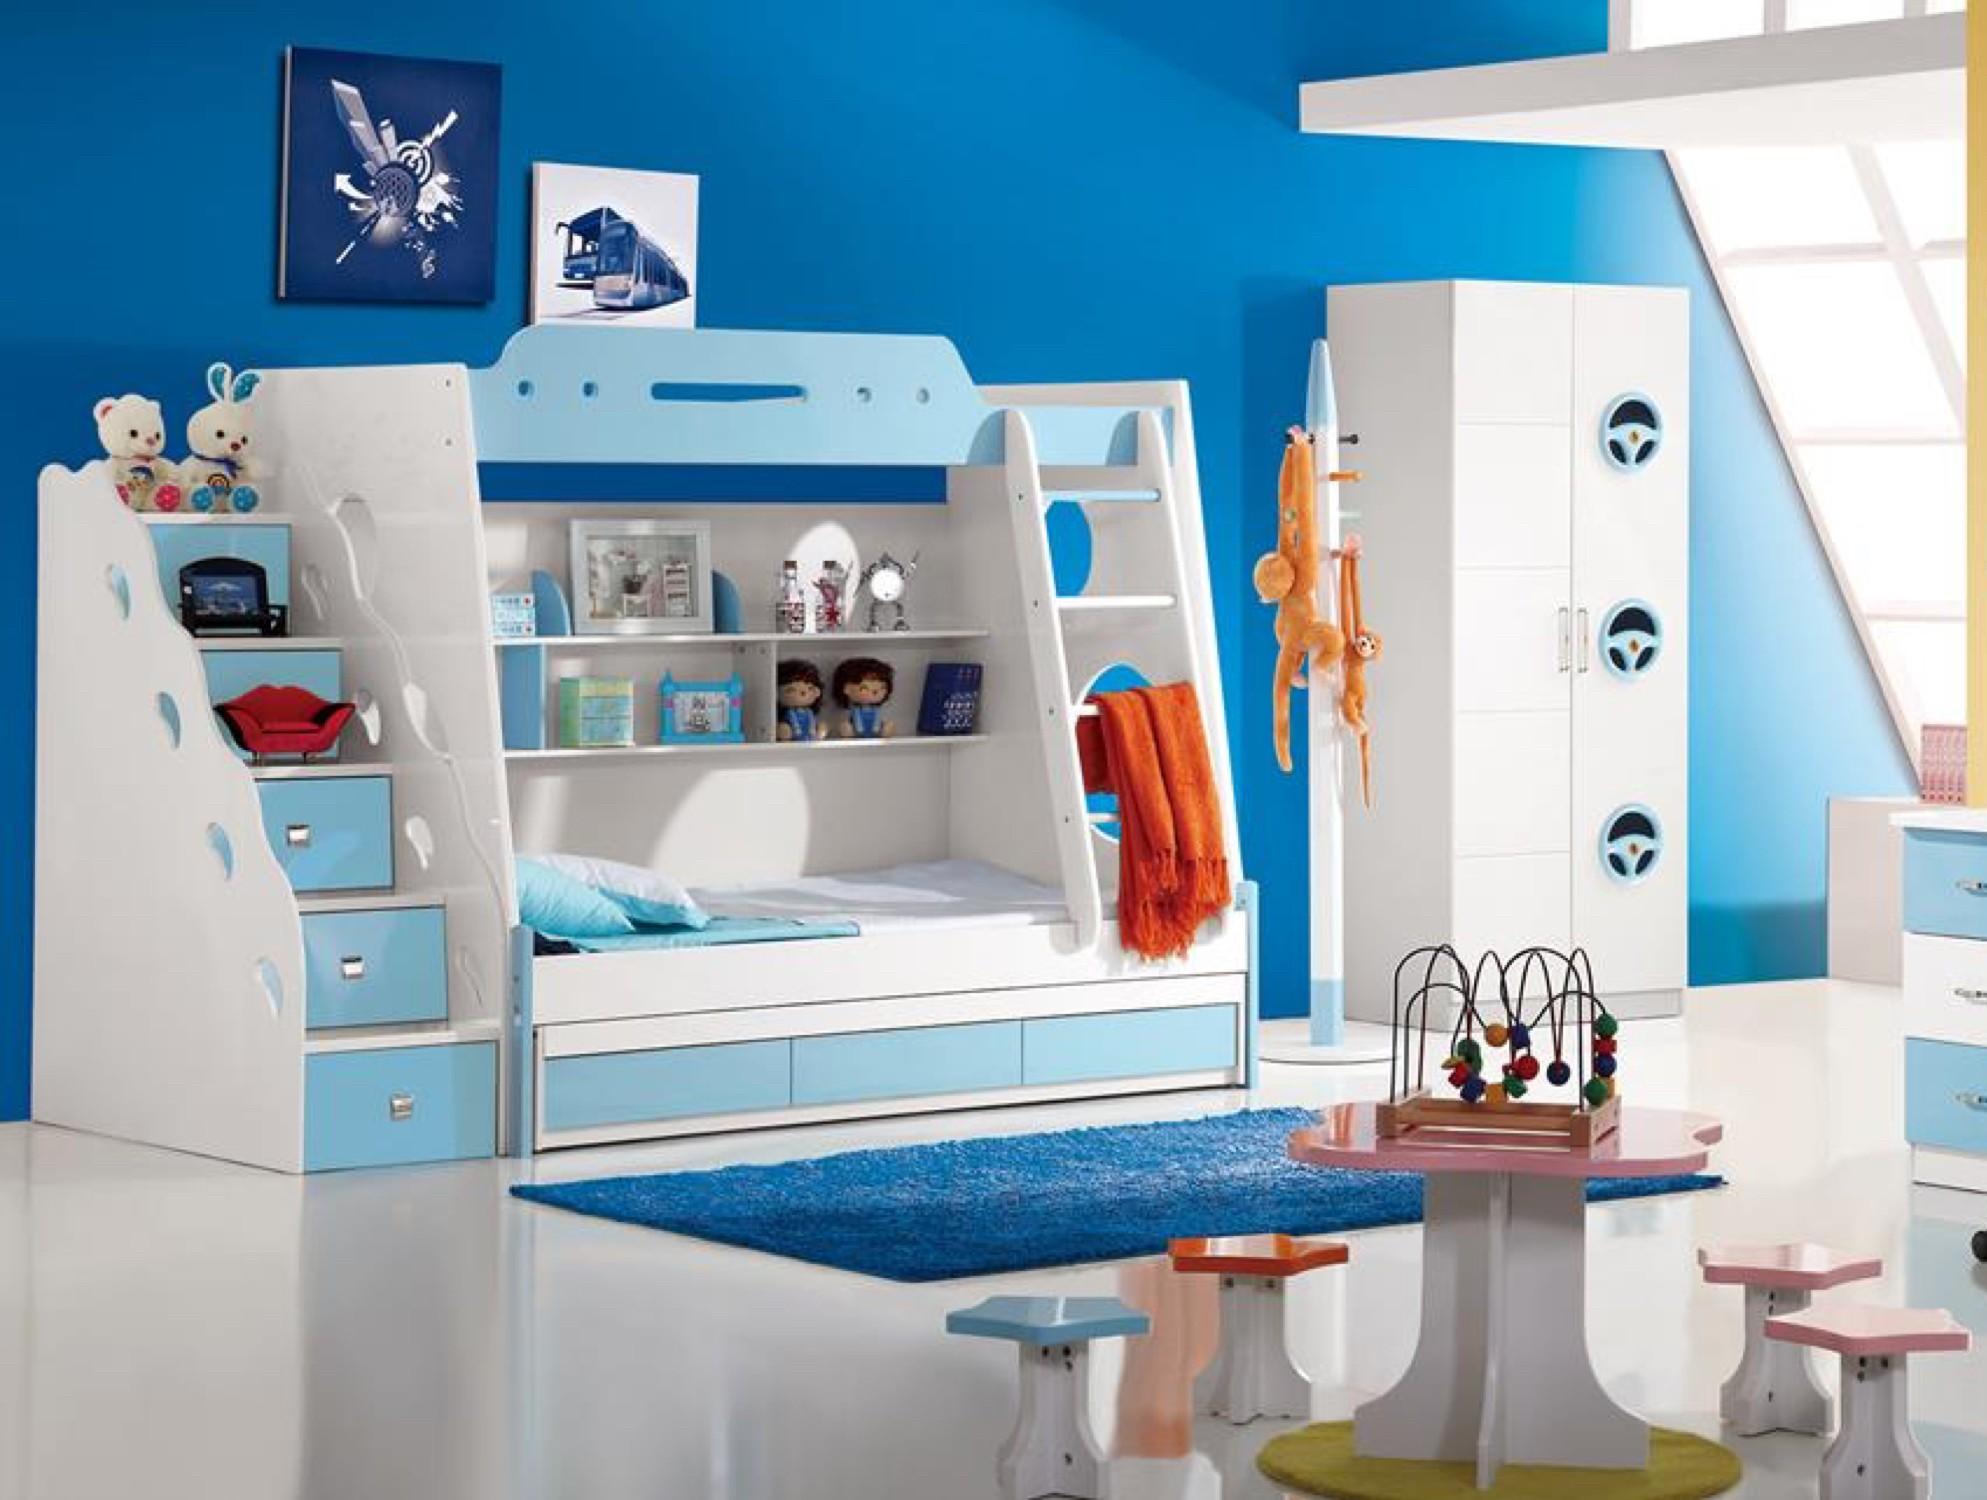 Kinderzimmer Mit Etagenbett : Etagenbett kinderzimmer in weiß blau lackiert inklusive mit treppe